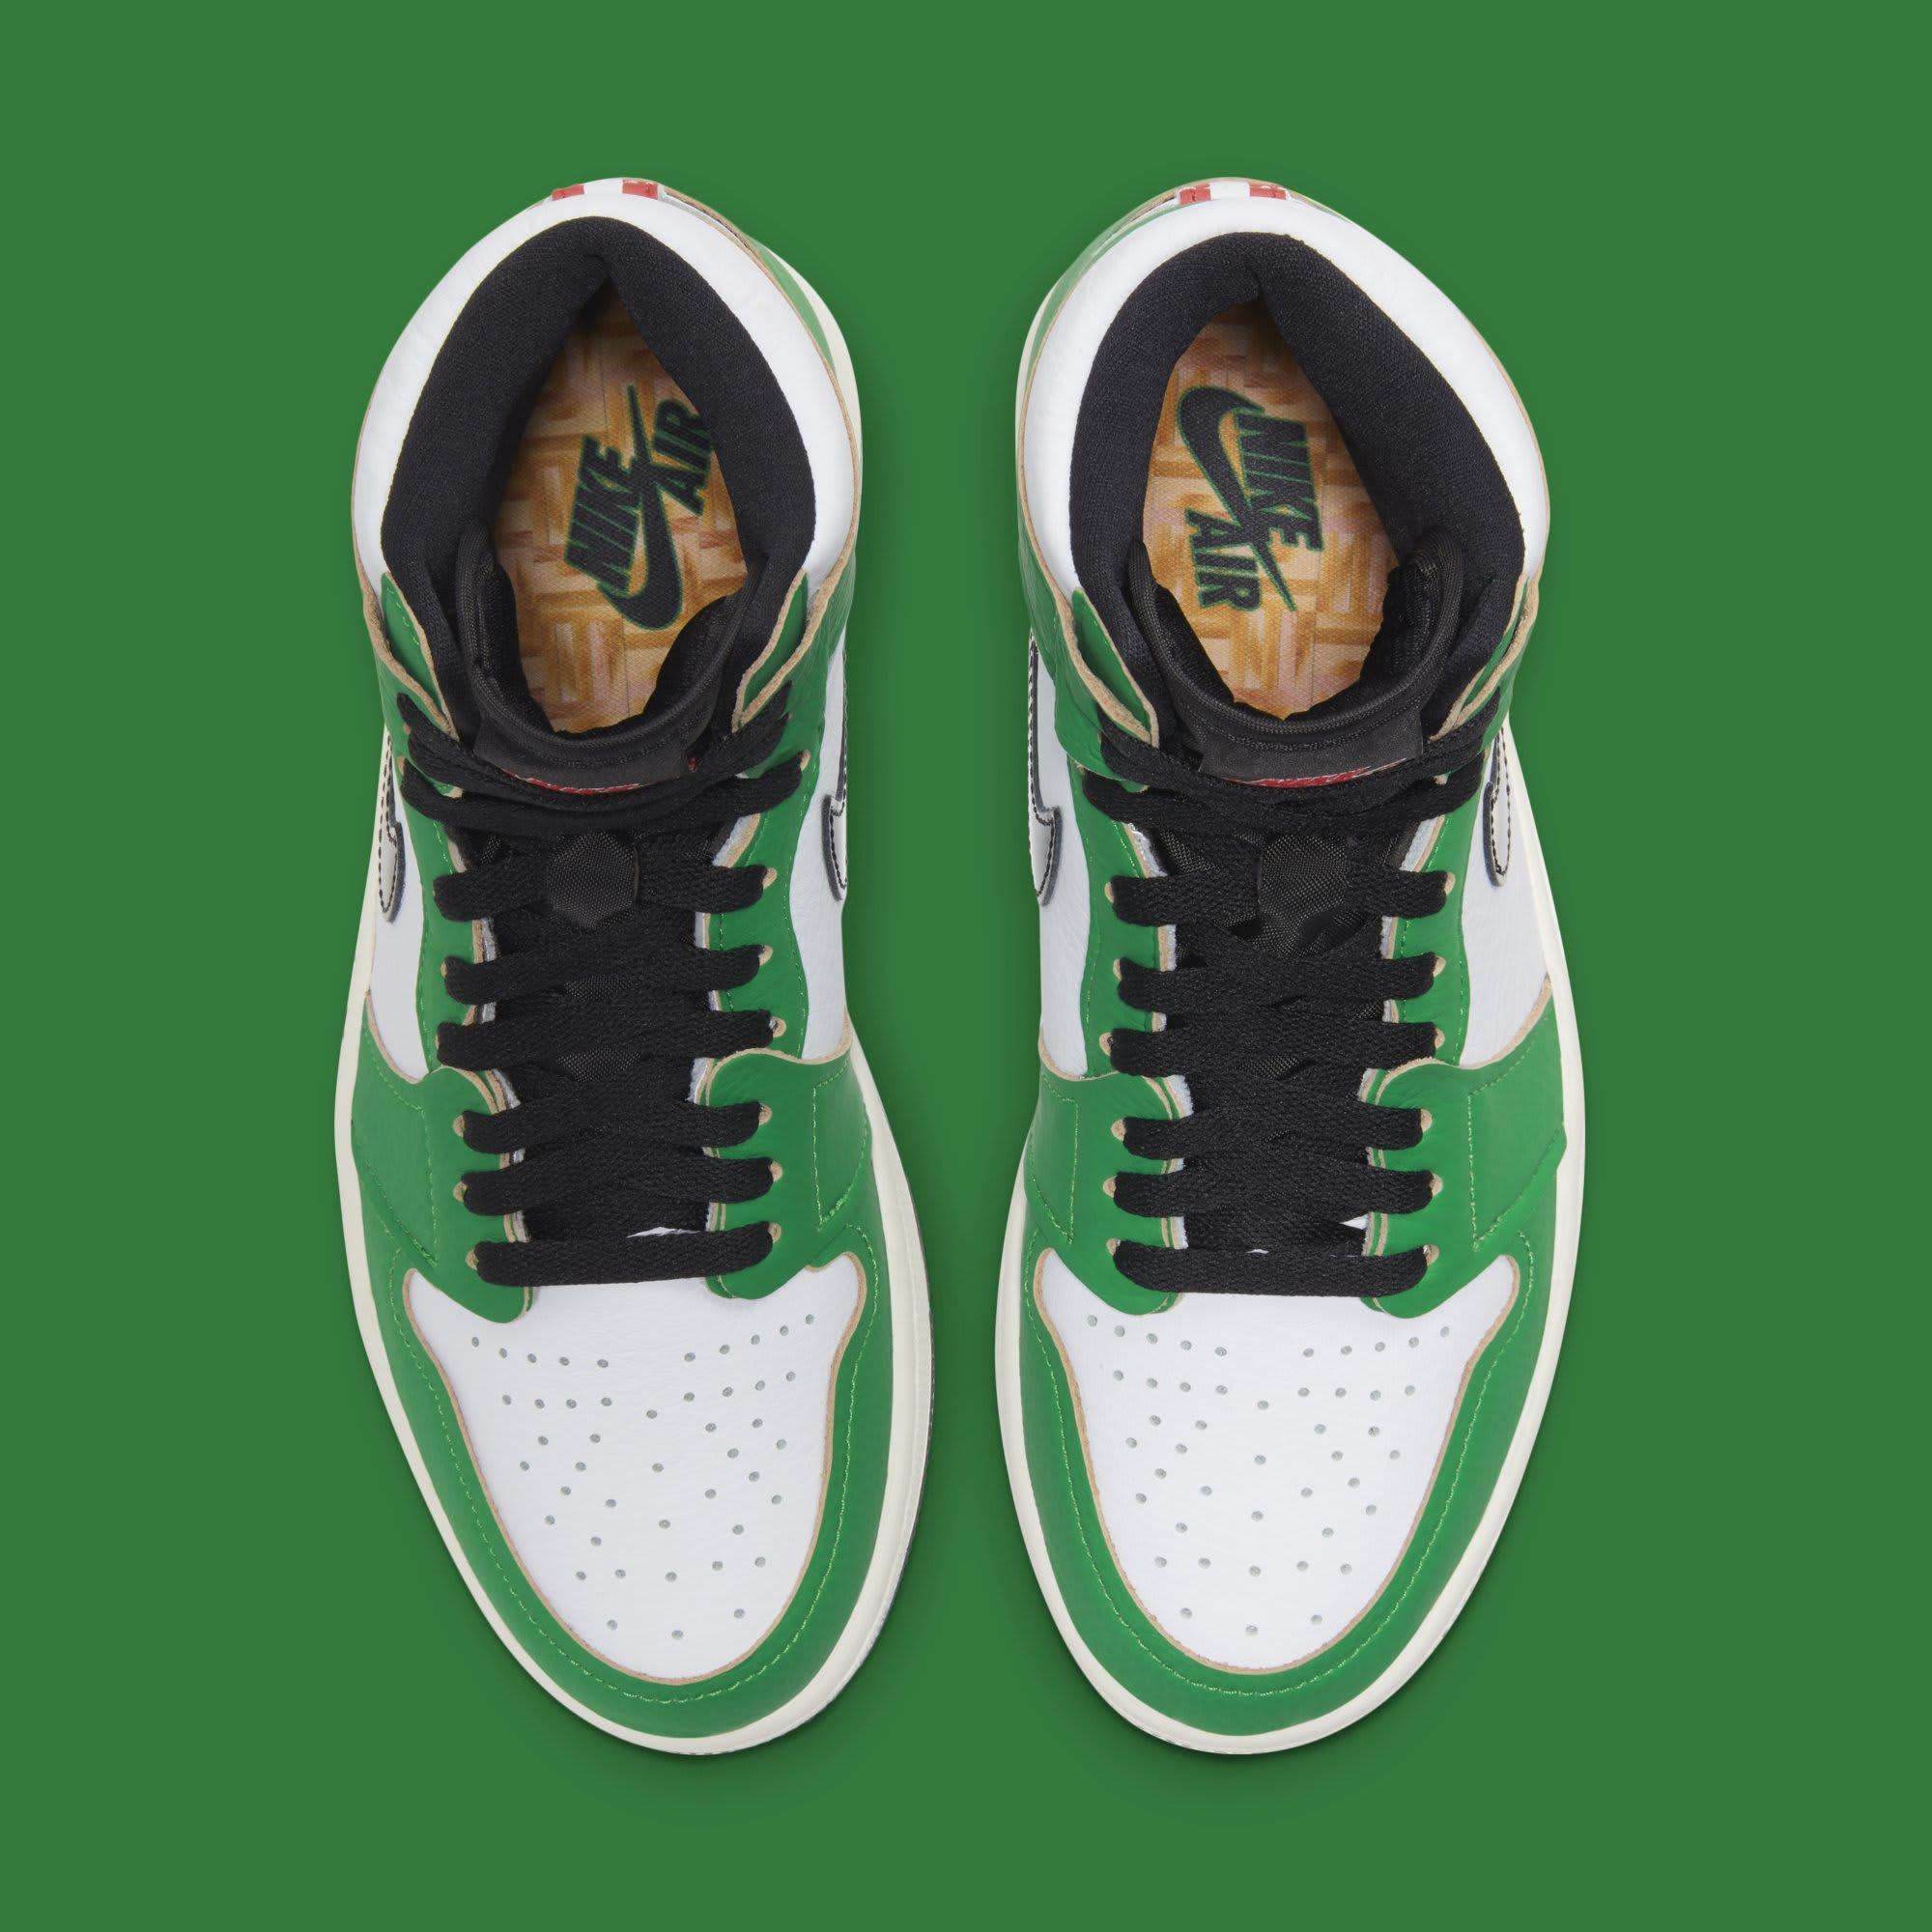 Air Jordan 1 Retro High OG Women's 'Lucky Green' DB4612-300 Top